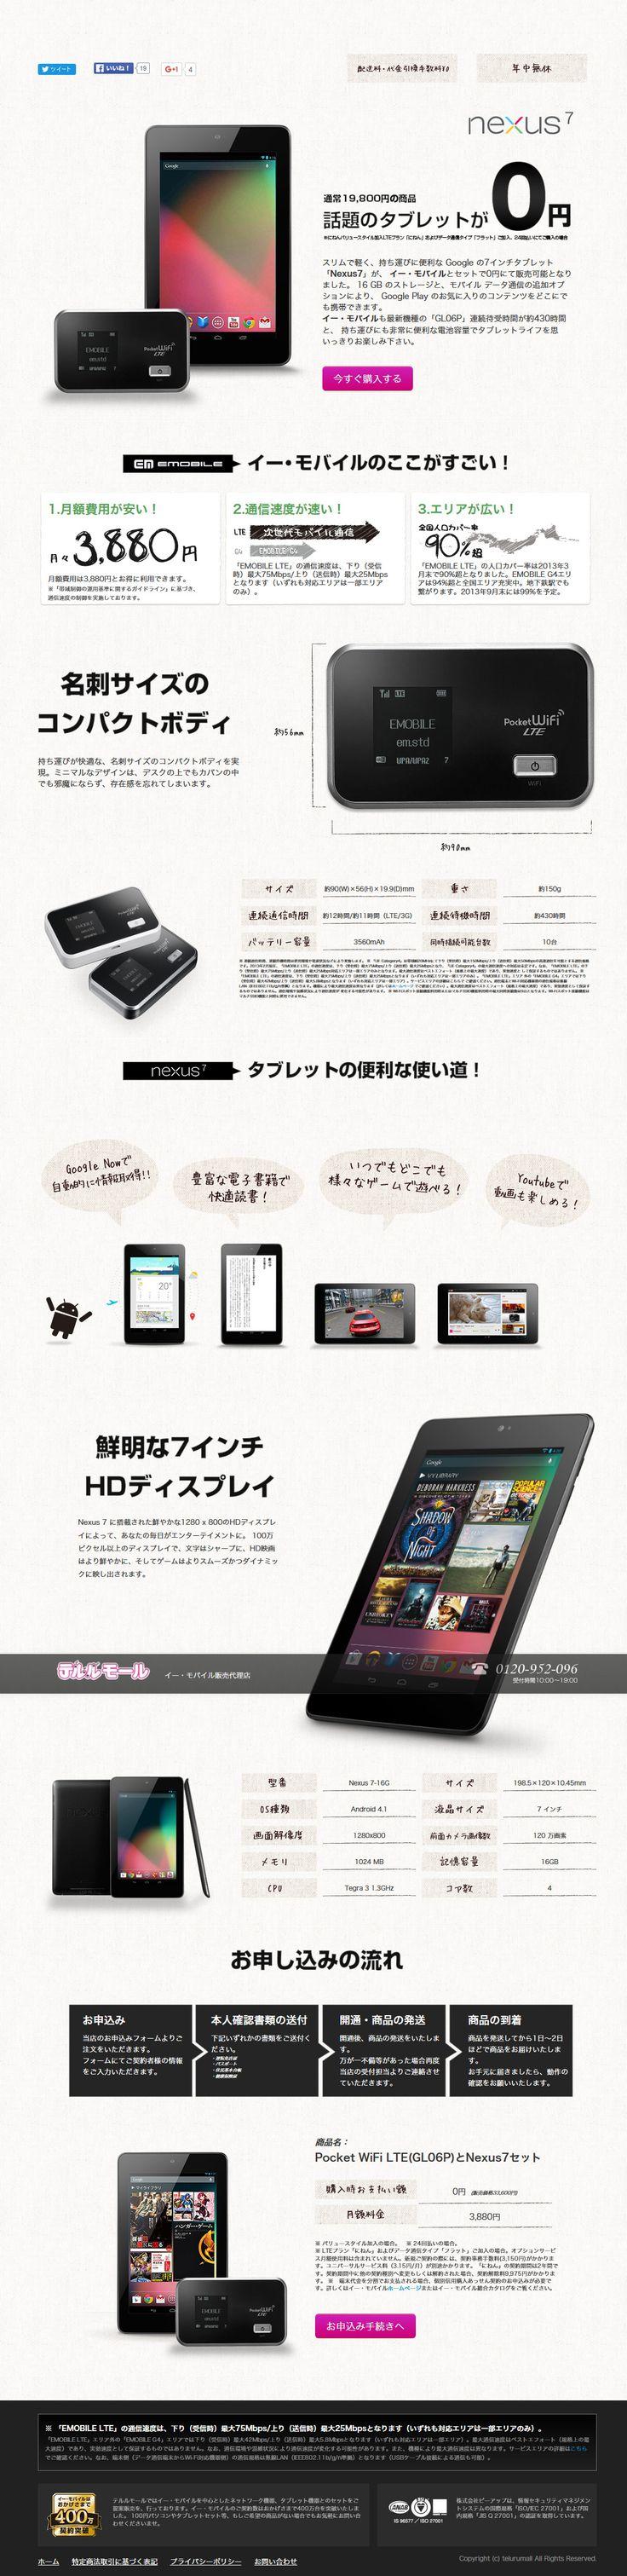 nexus7【家電・パソコン・通信関連】のLPデザイン。WEBデザイナーさん必見!ランディングページのデザイン参考に(シンプル系)